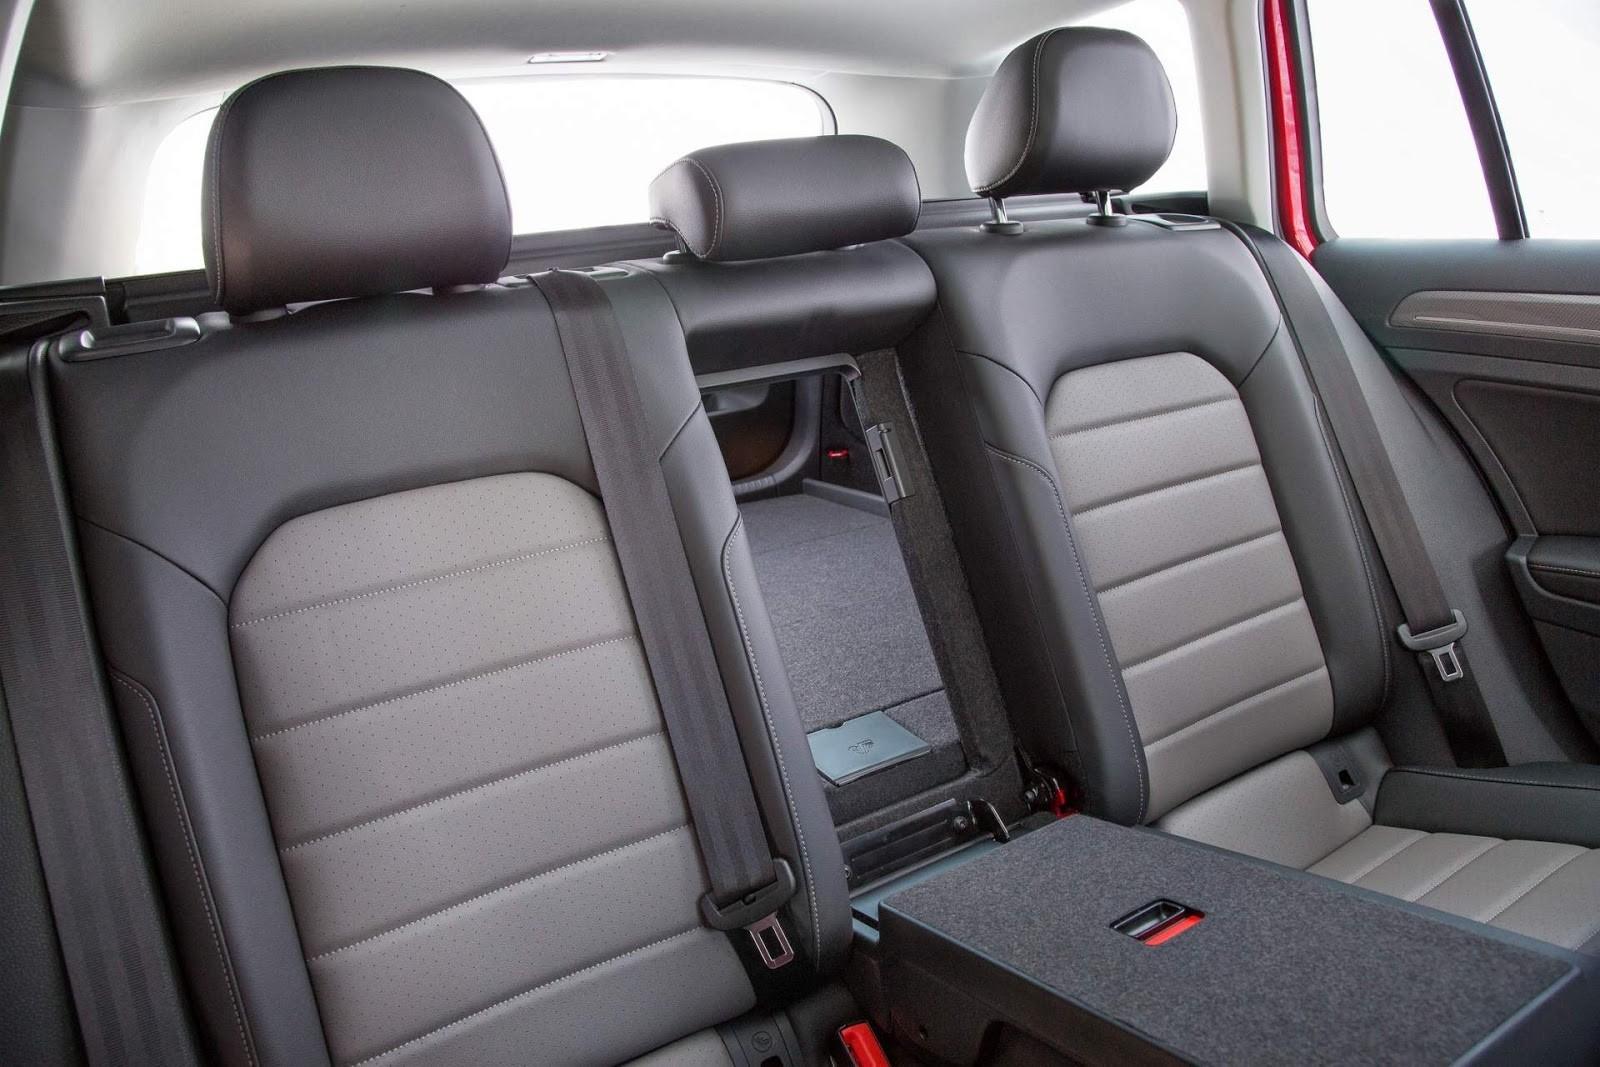 VW Alltrack Interior